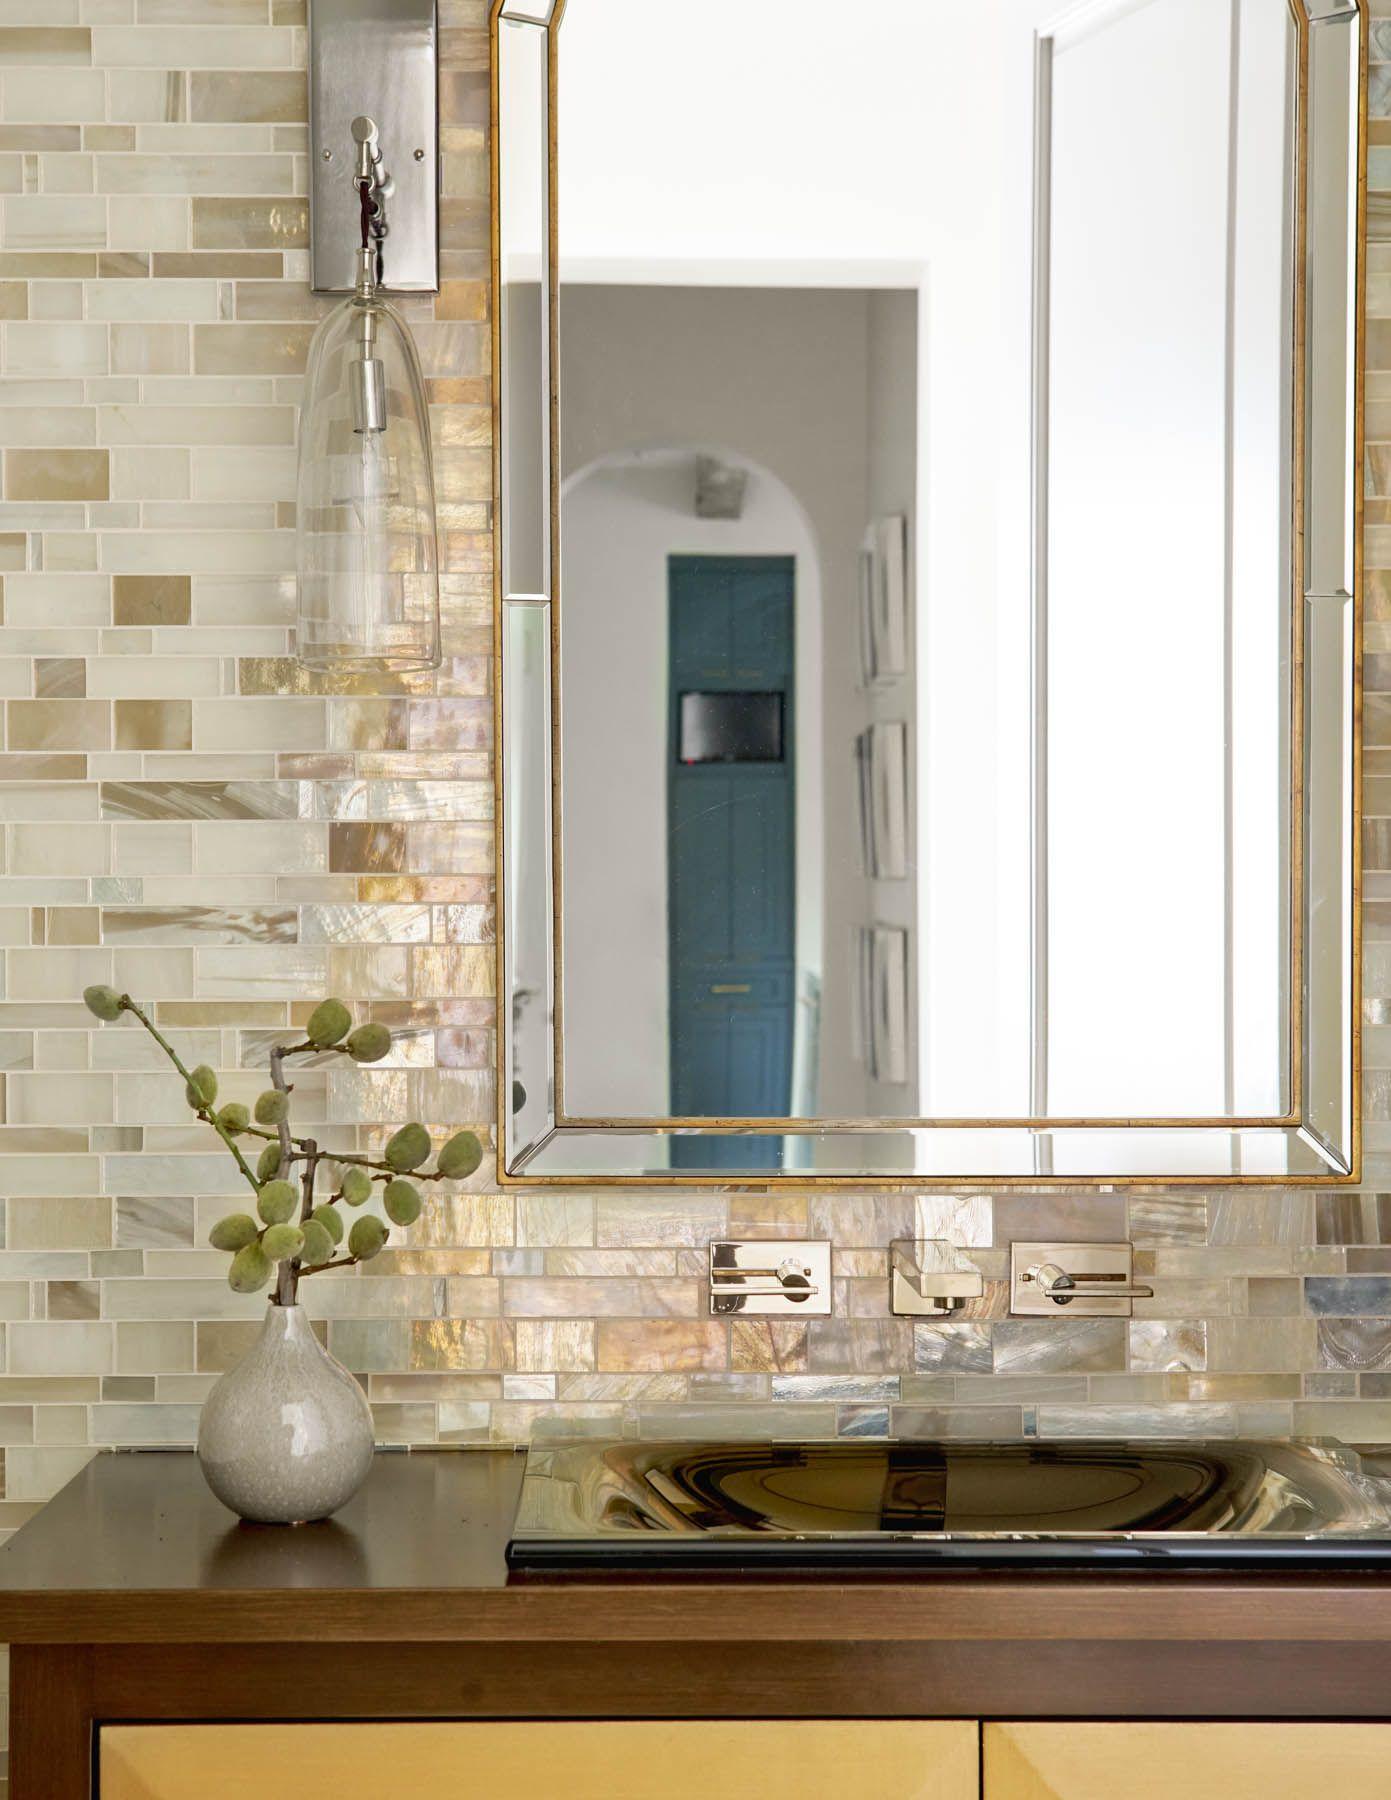 Stunning Metallic Like Backsplash In The Bathroom Seneca Tatum